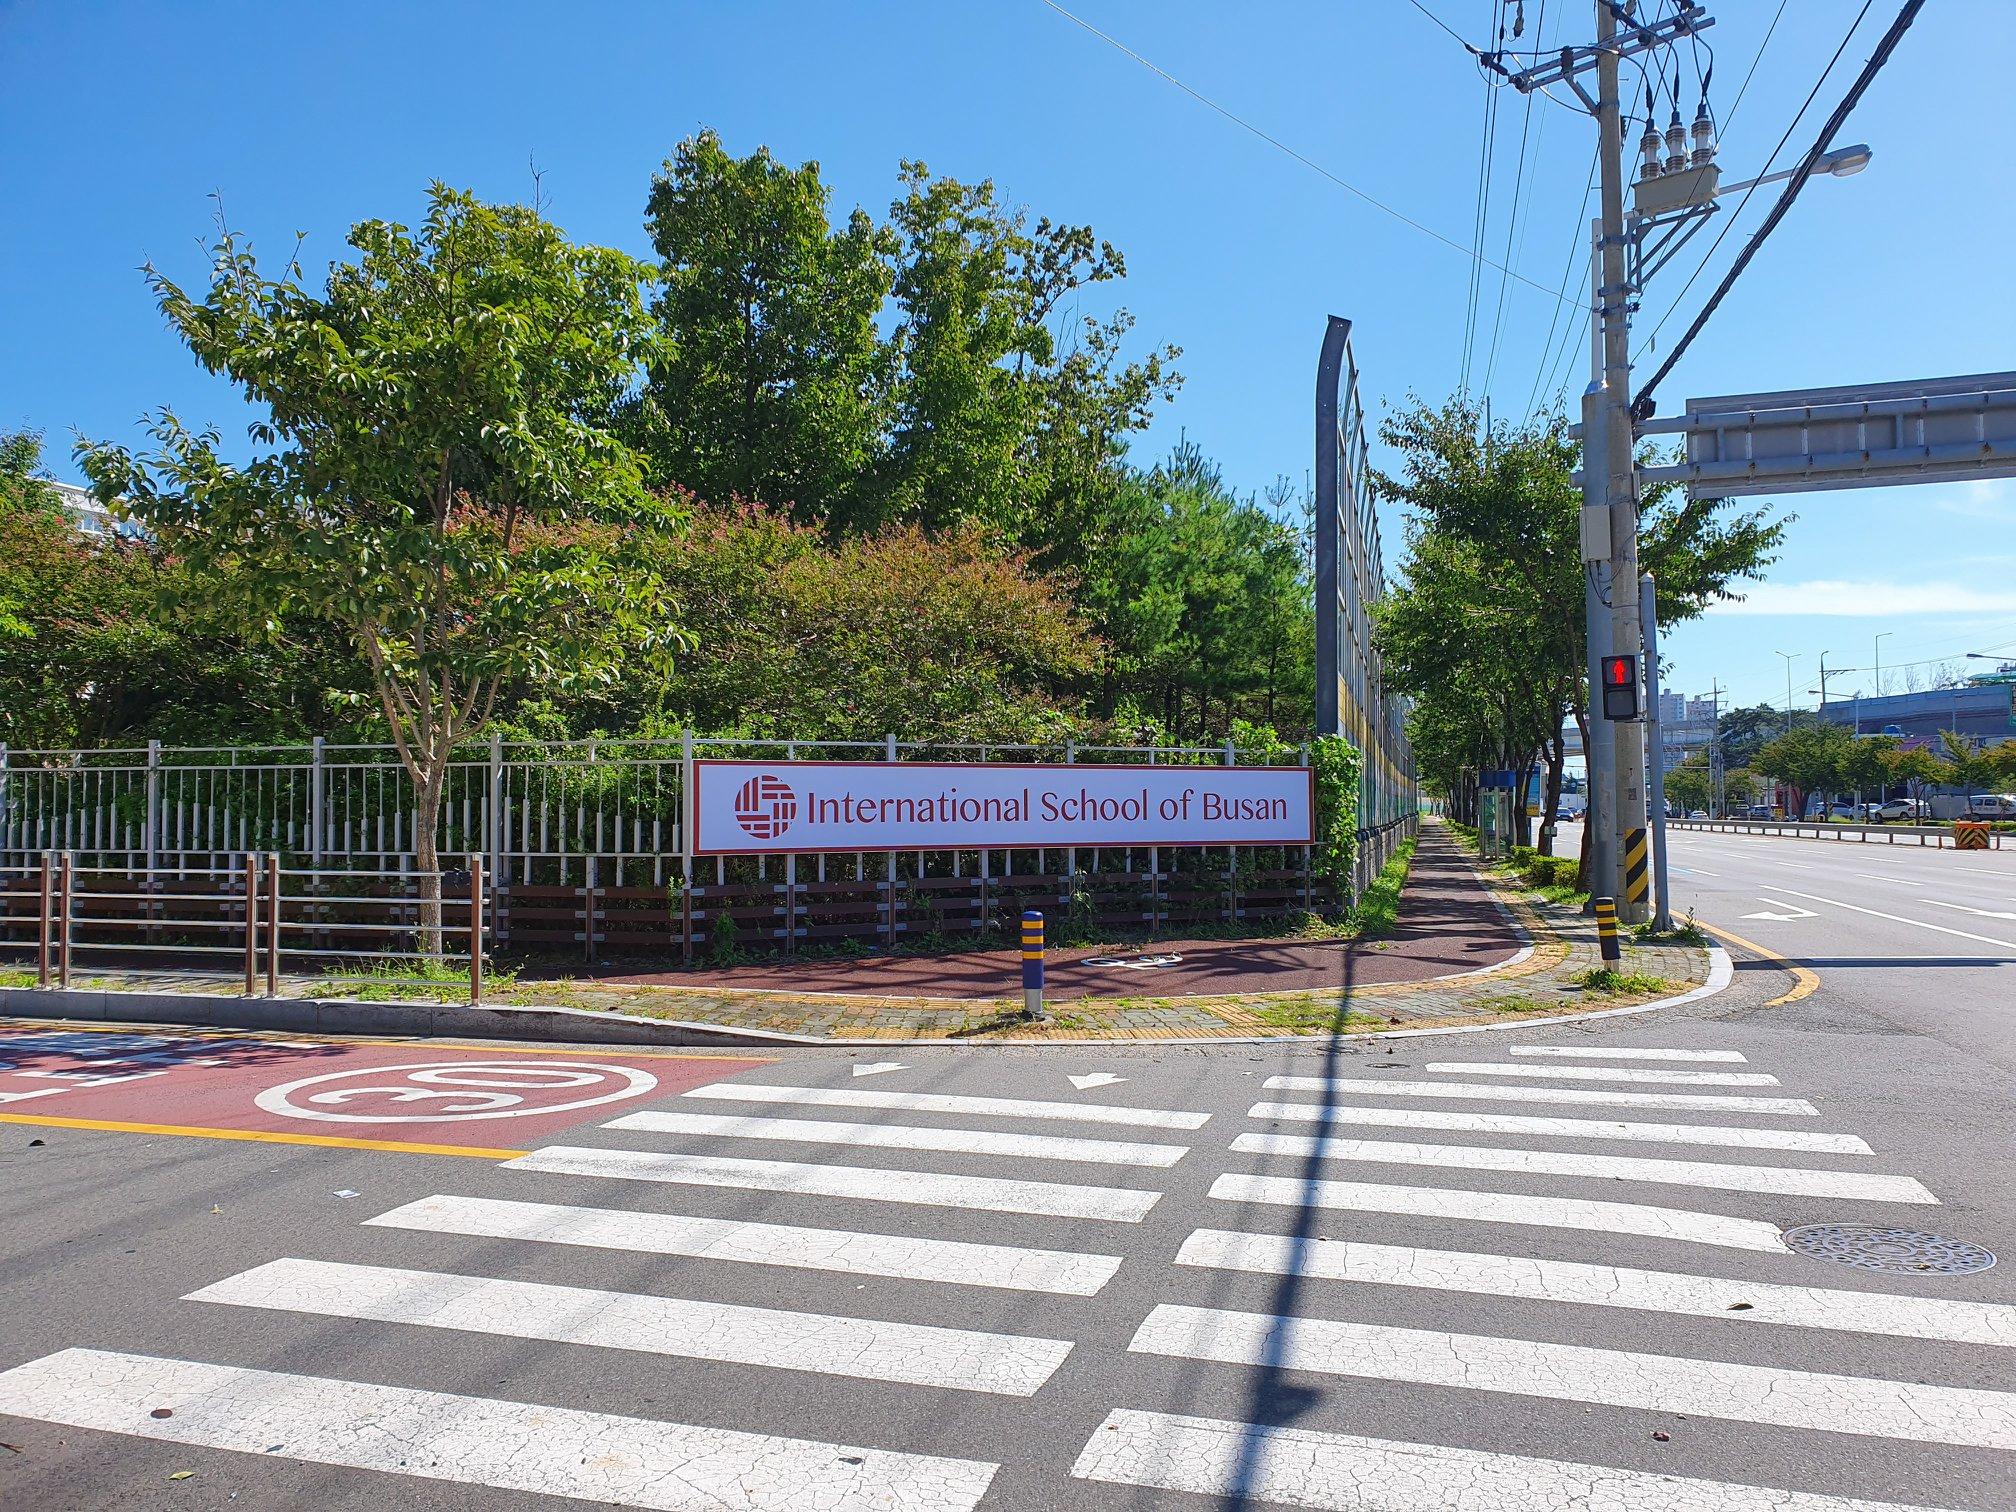 Milyen egy nemzetközi iskola Busanban?